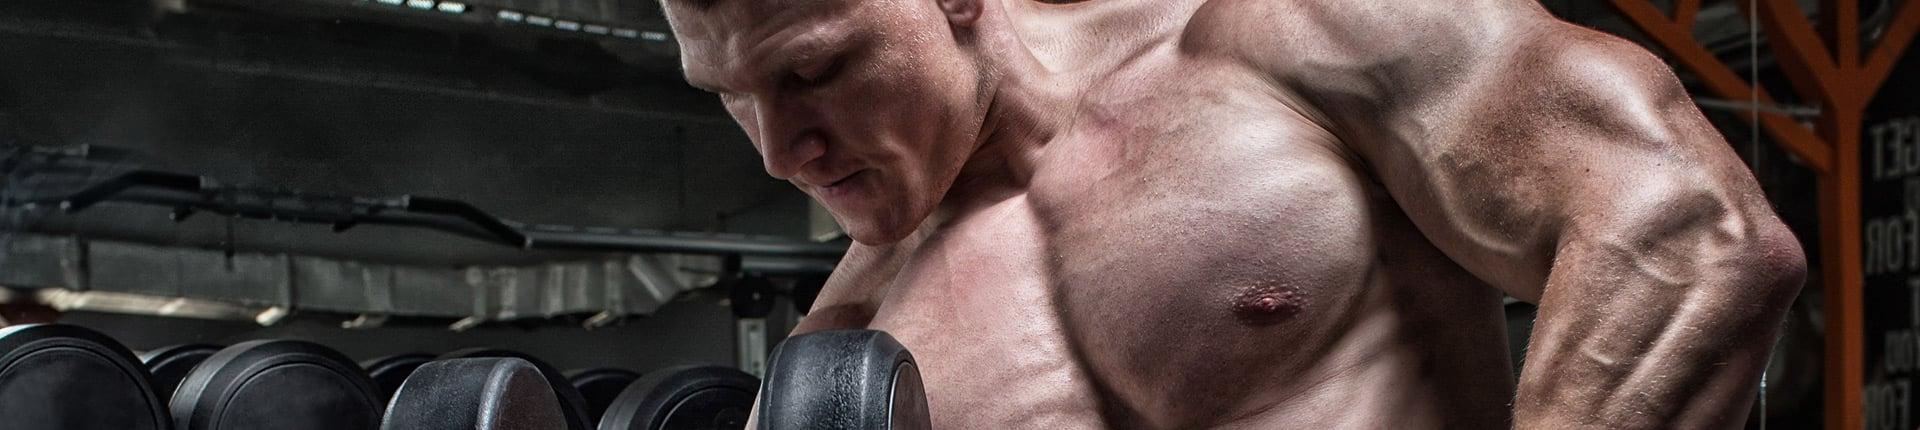 Masa bez diety. Czy budowa masy mięśniowej bez diety jest możliwa?